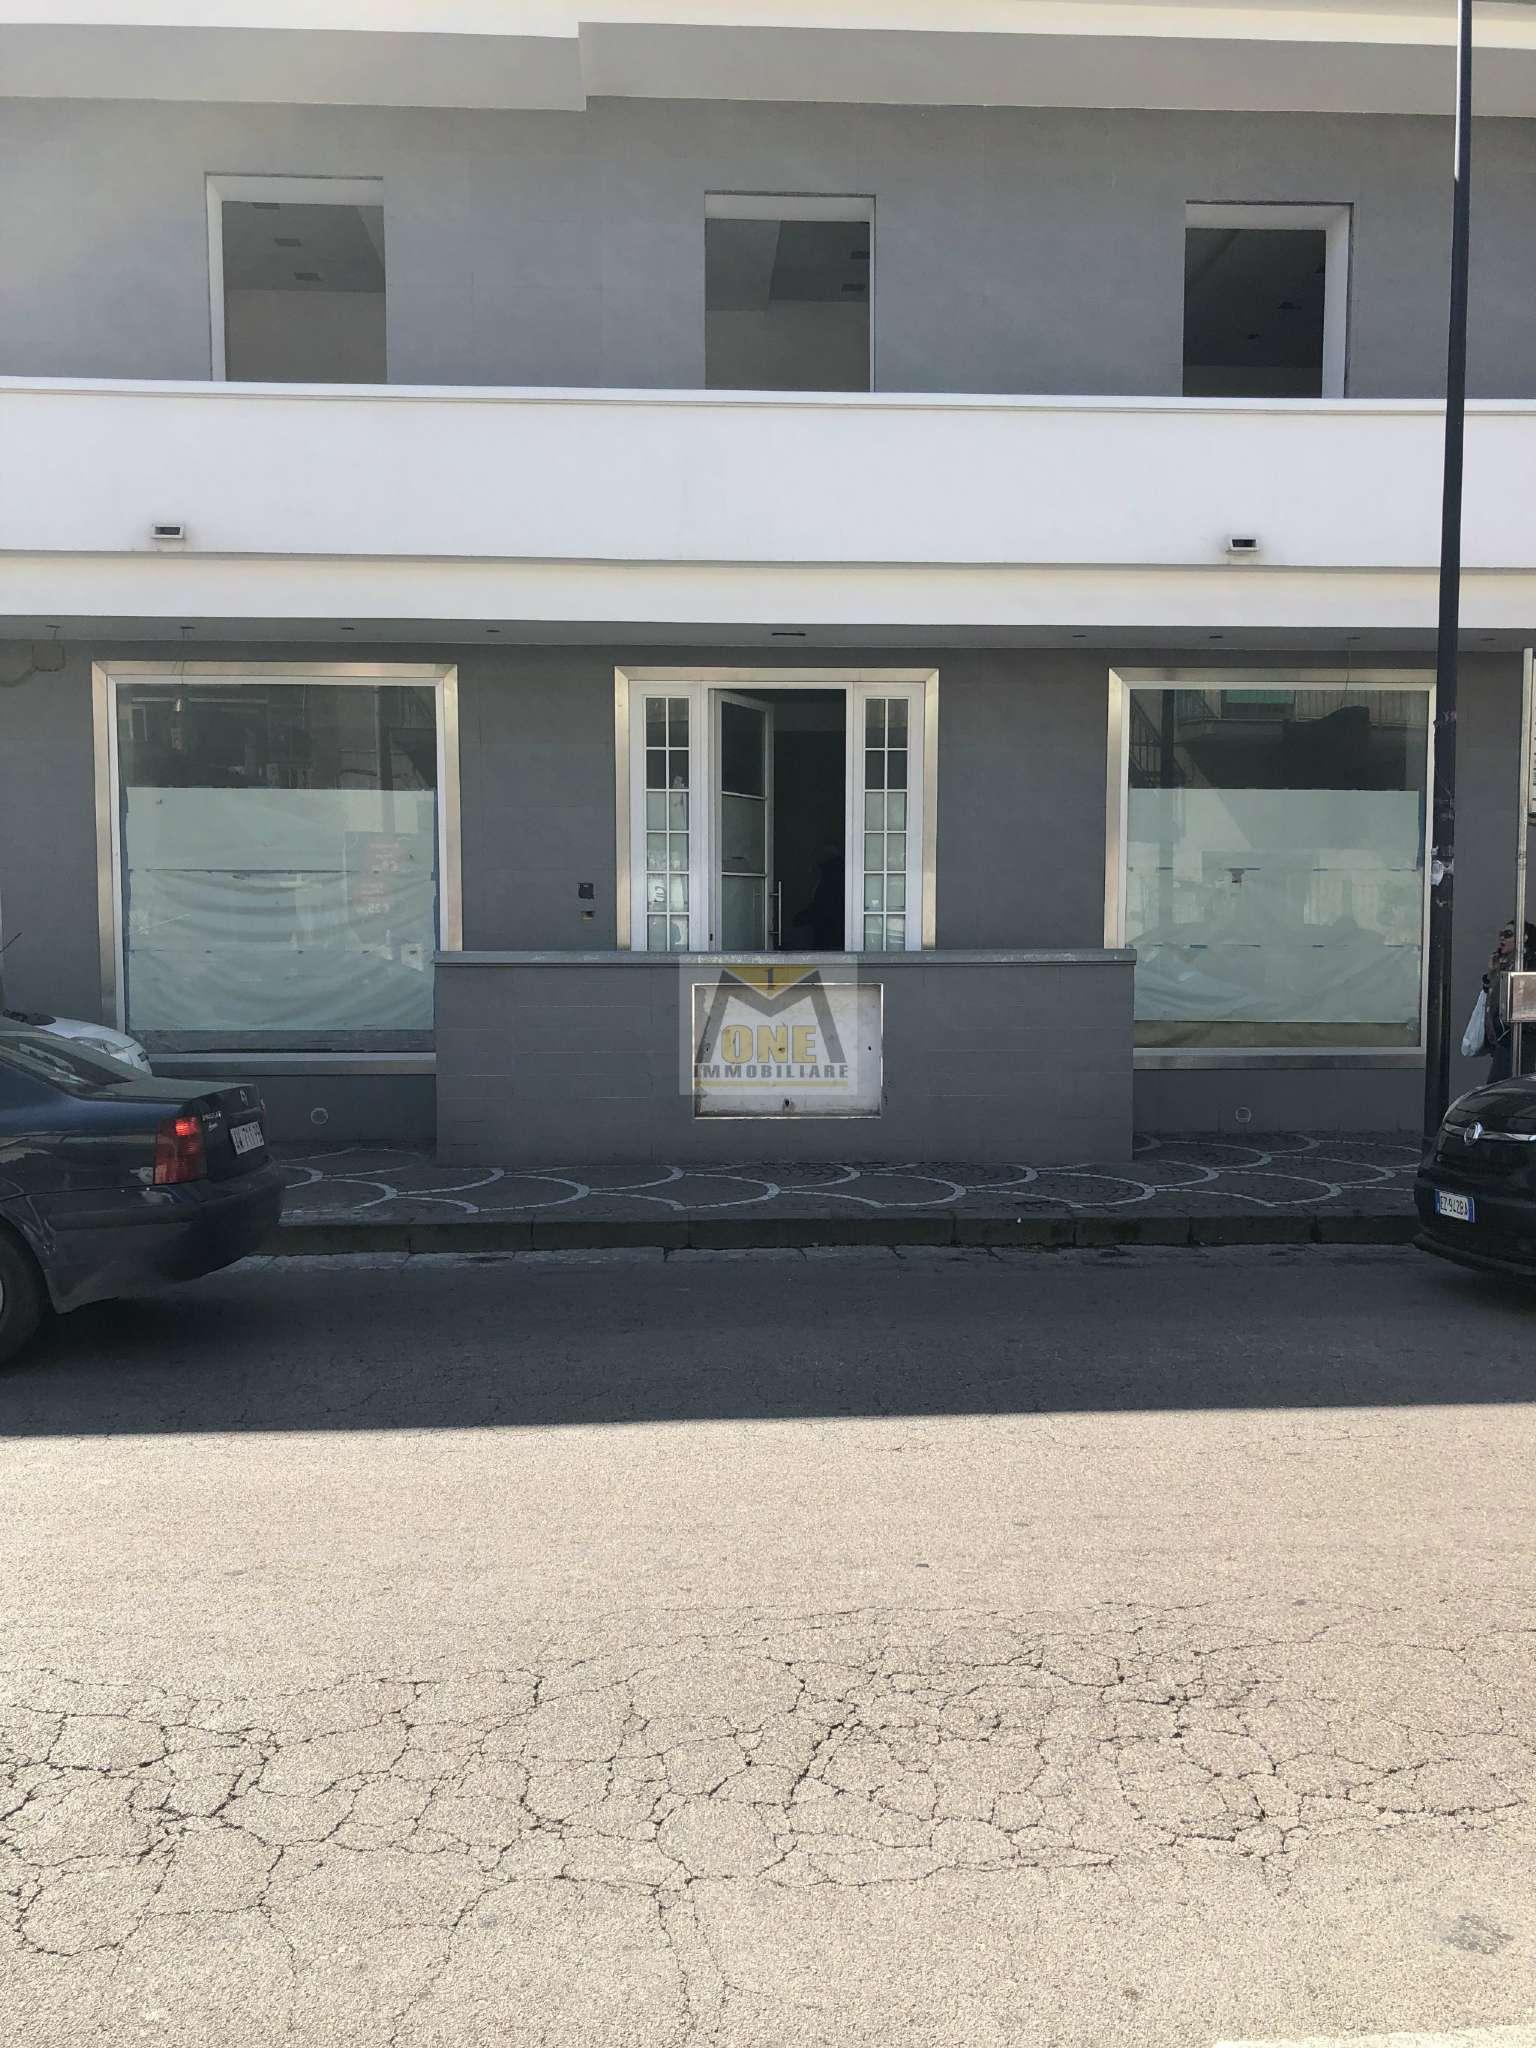 Immobile Commerciale in affitto a Giugliano in Campania, 8 locali, prezzo € 2.500 | CambioCasa.it